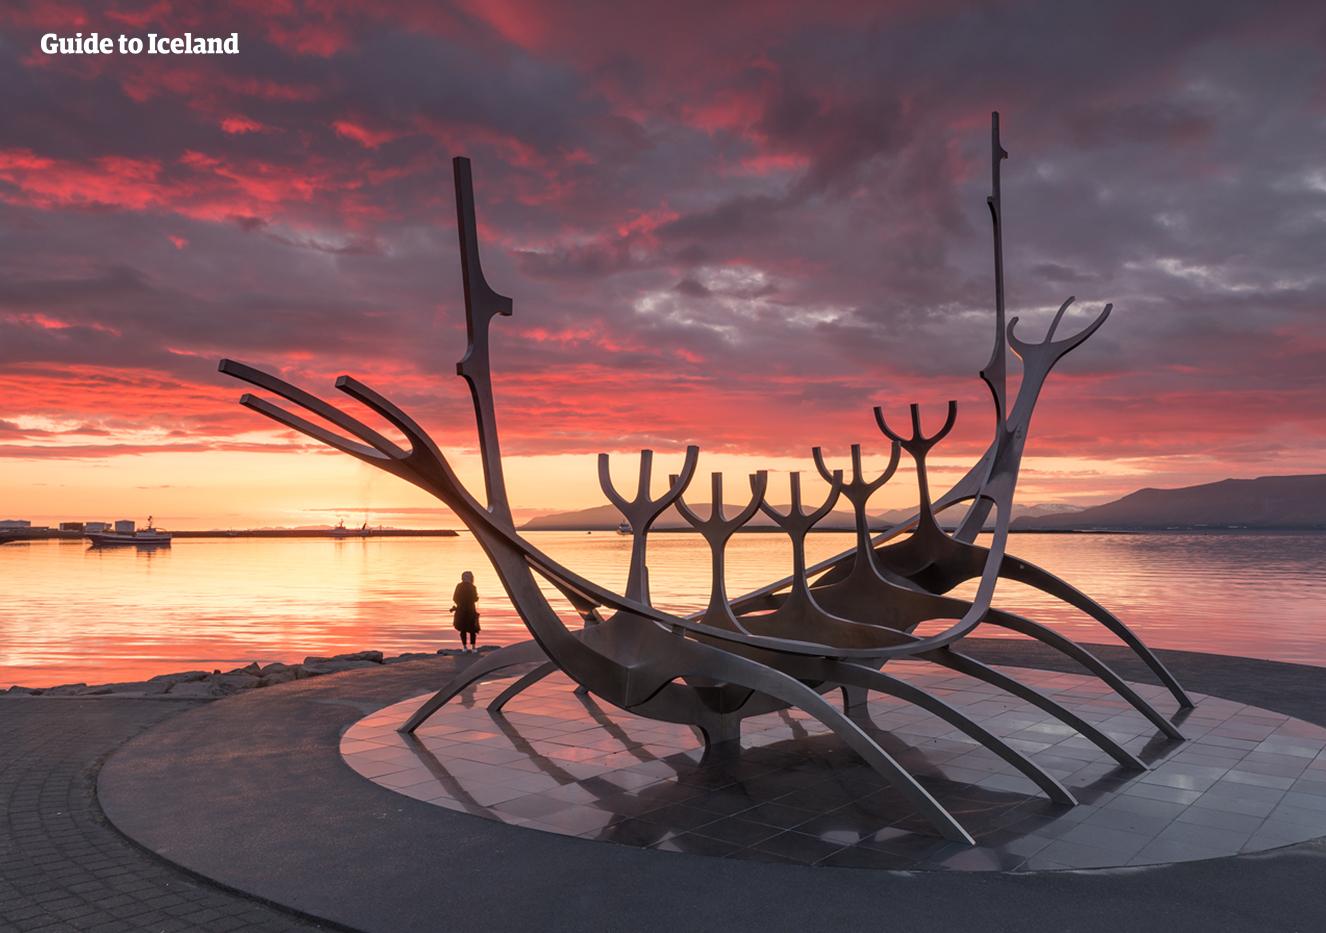 Der 'Sun Voyager' ist eine Metallskulptur von einem langen Schiff, die auf Islands Geschichte als Wikingernation anspielt.